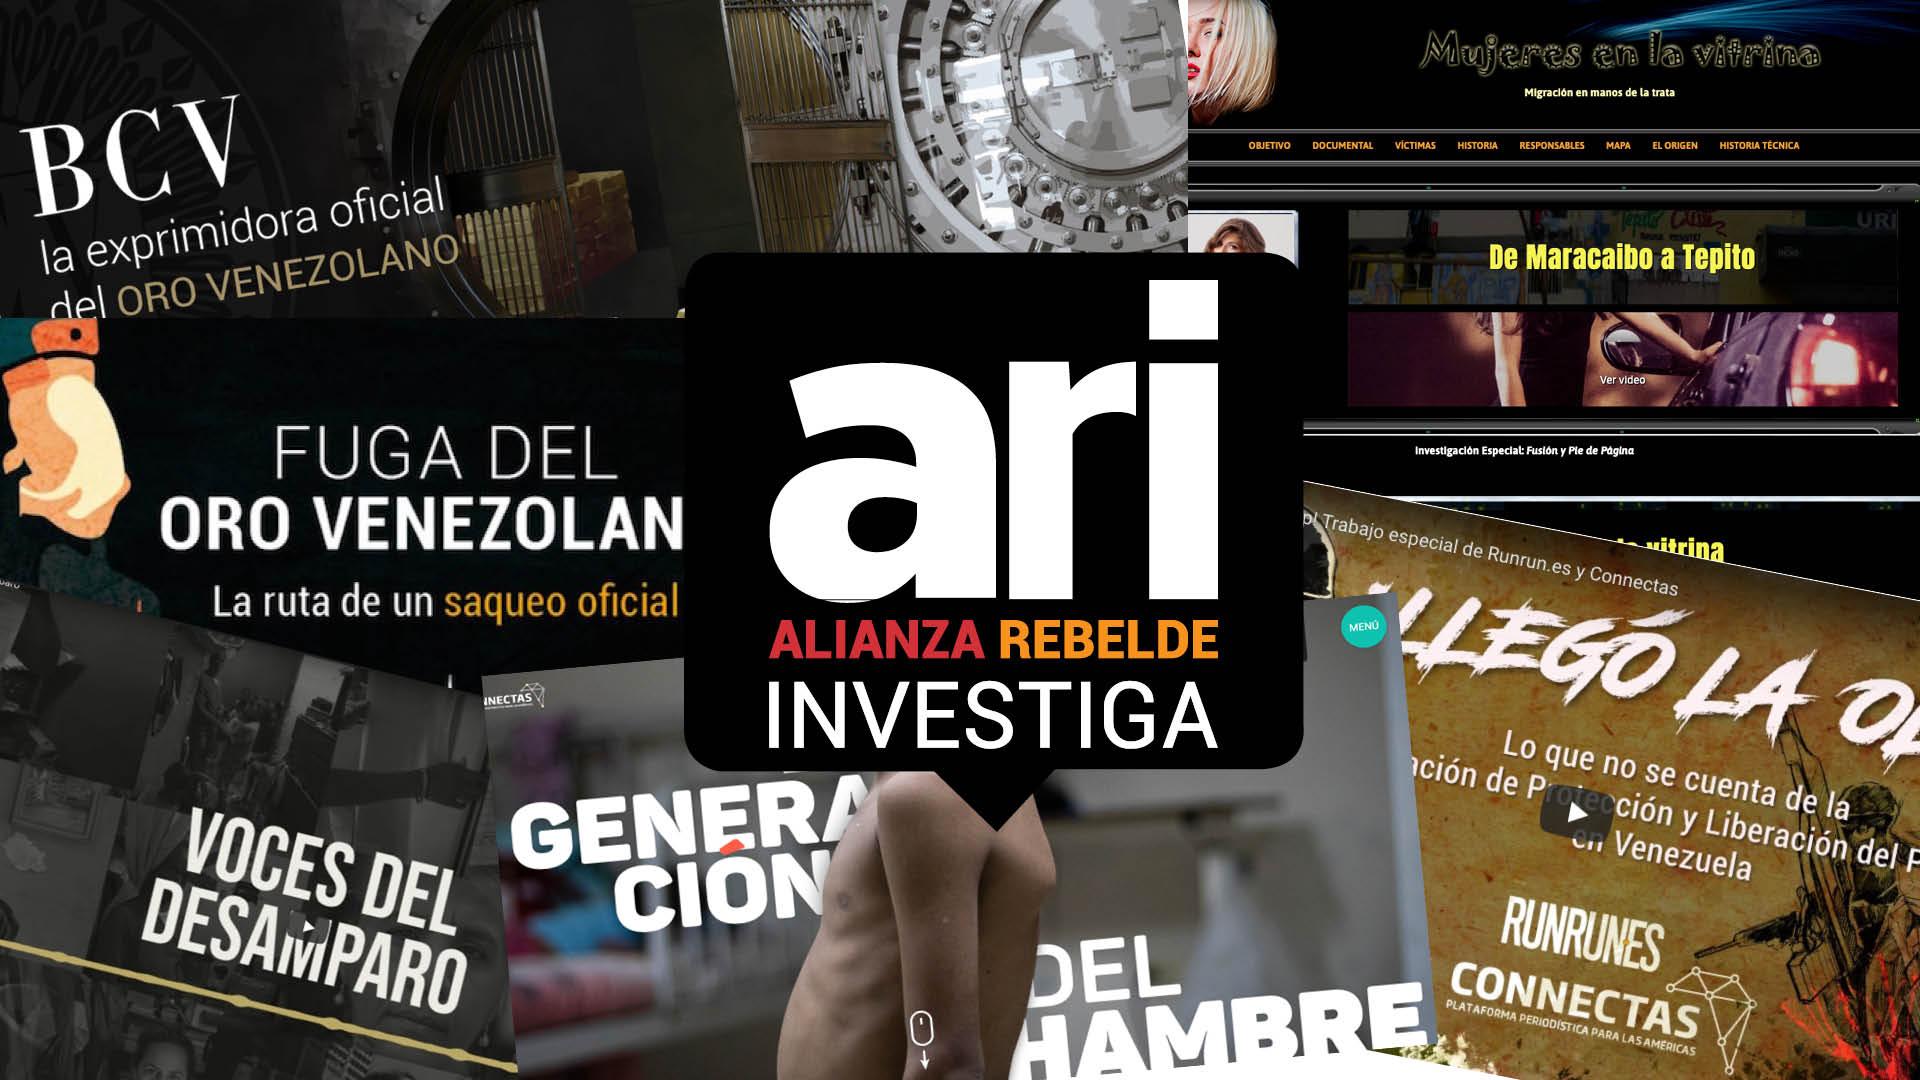 El Pitazo, TalCual y RunRun.es se unenpara crear la Alianza Rebelde Investiga